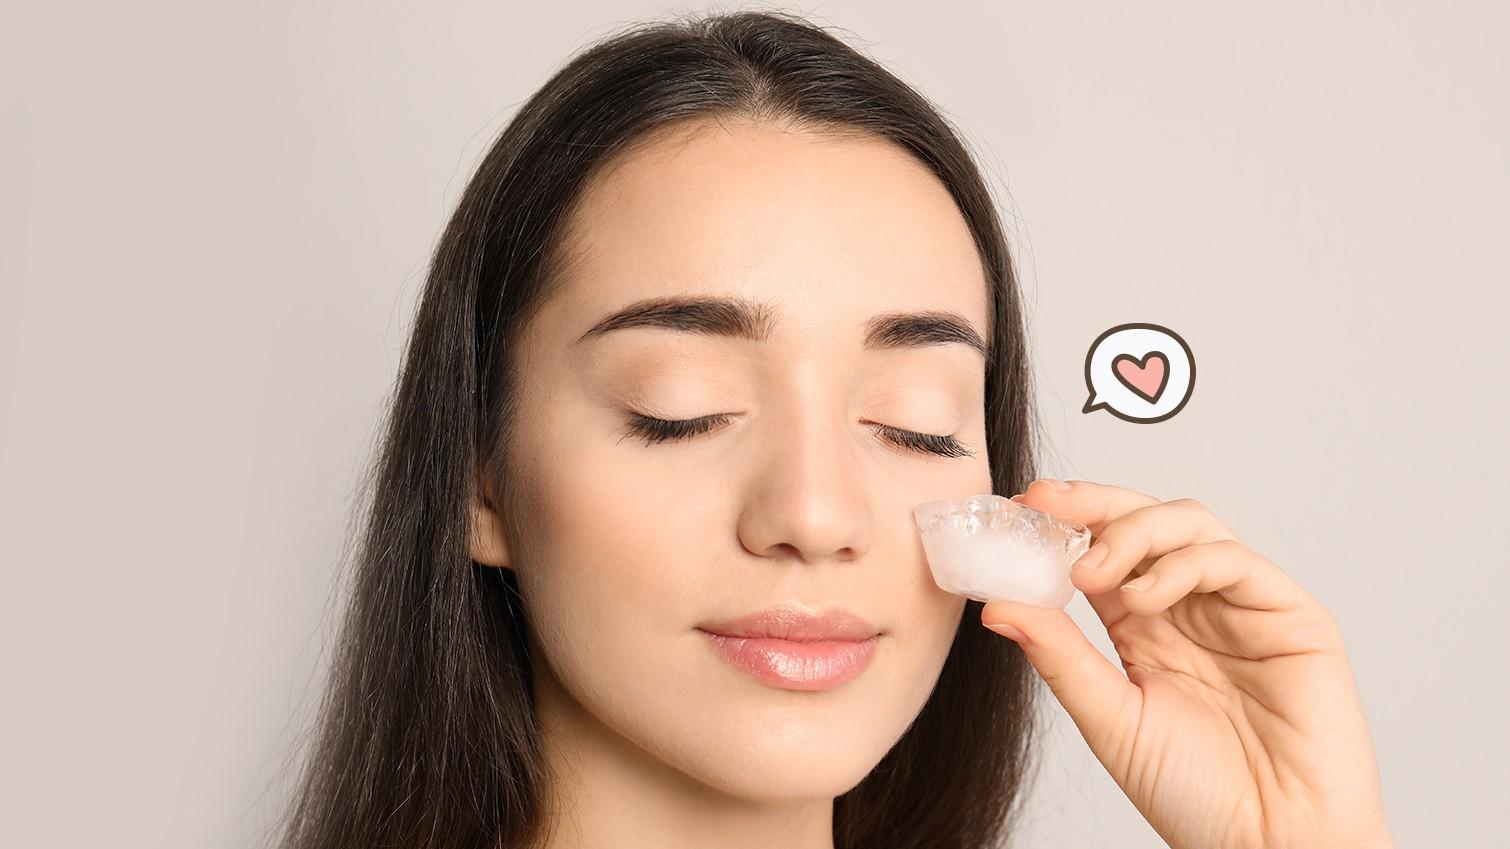 6 Manfaat Es Batu untuk Wajah dan Cara Penggunaannya